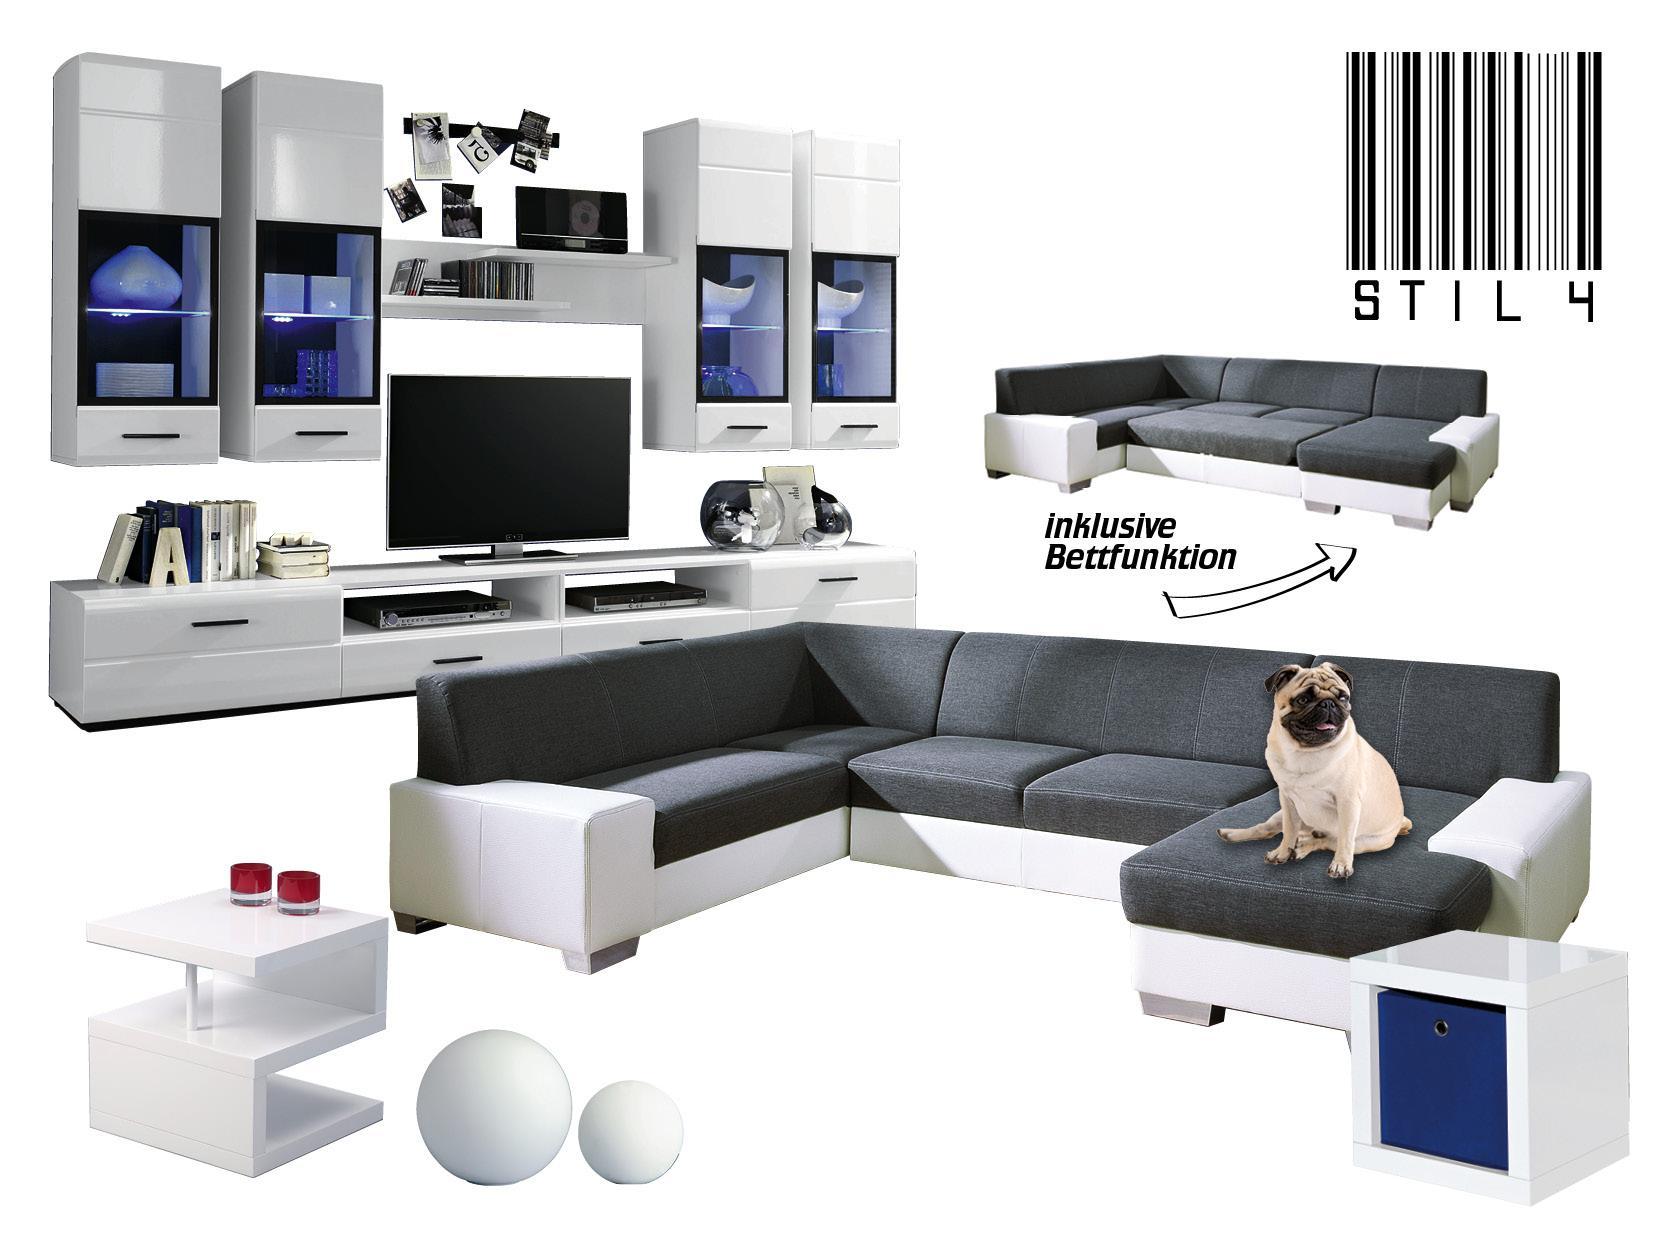 Einfach Mopstastisch ; ) #weißeswohnzimmer #futuristisch  #moderneswohnzimmer ©Möbel Biller